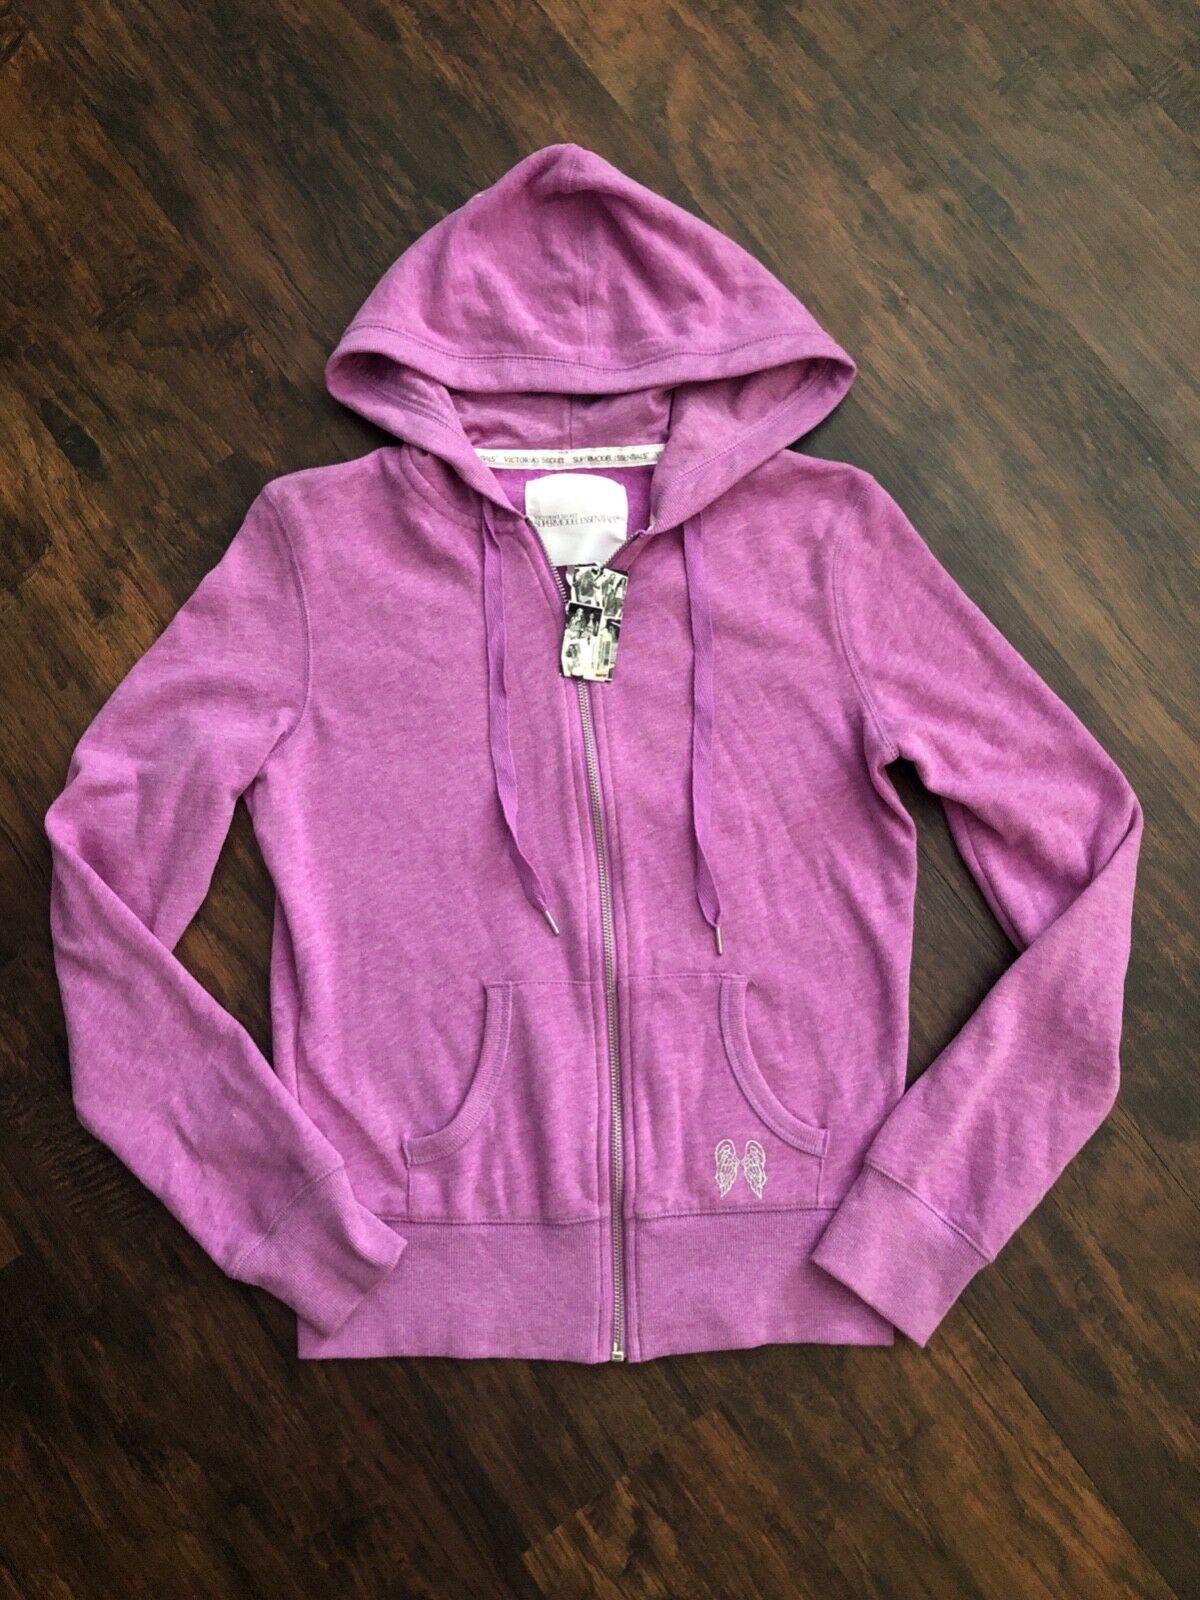 Victoria's Secret zip hoodie hoodie hoodie size xs 62154c